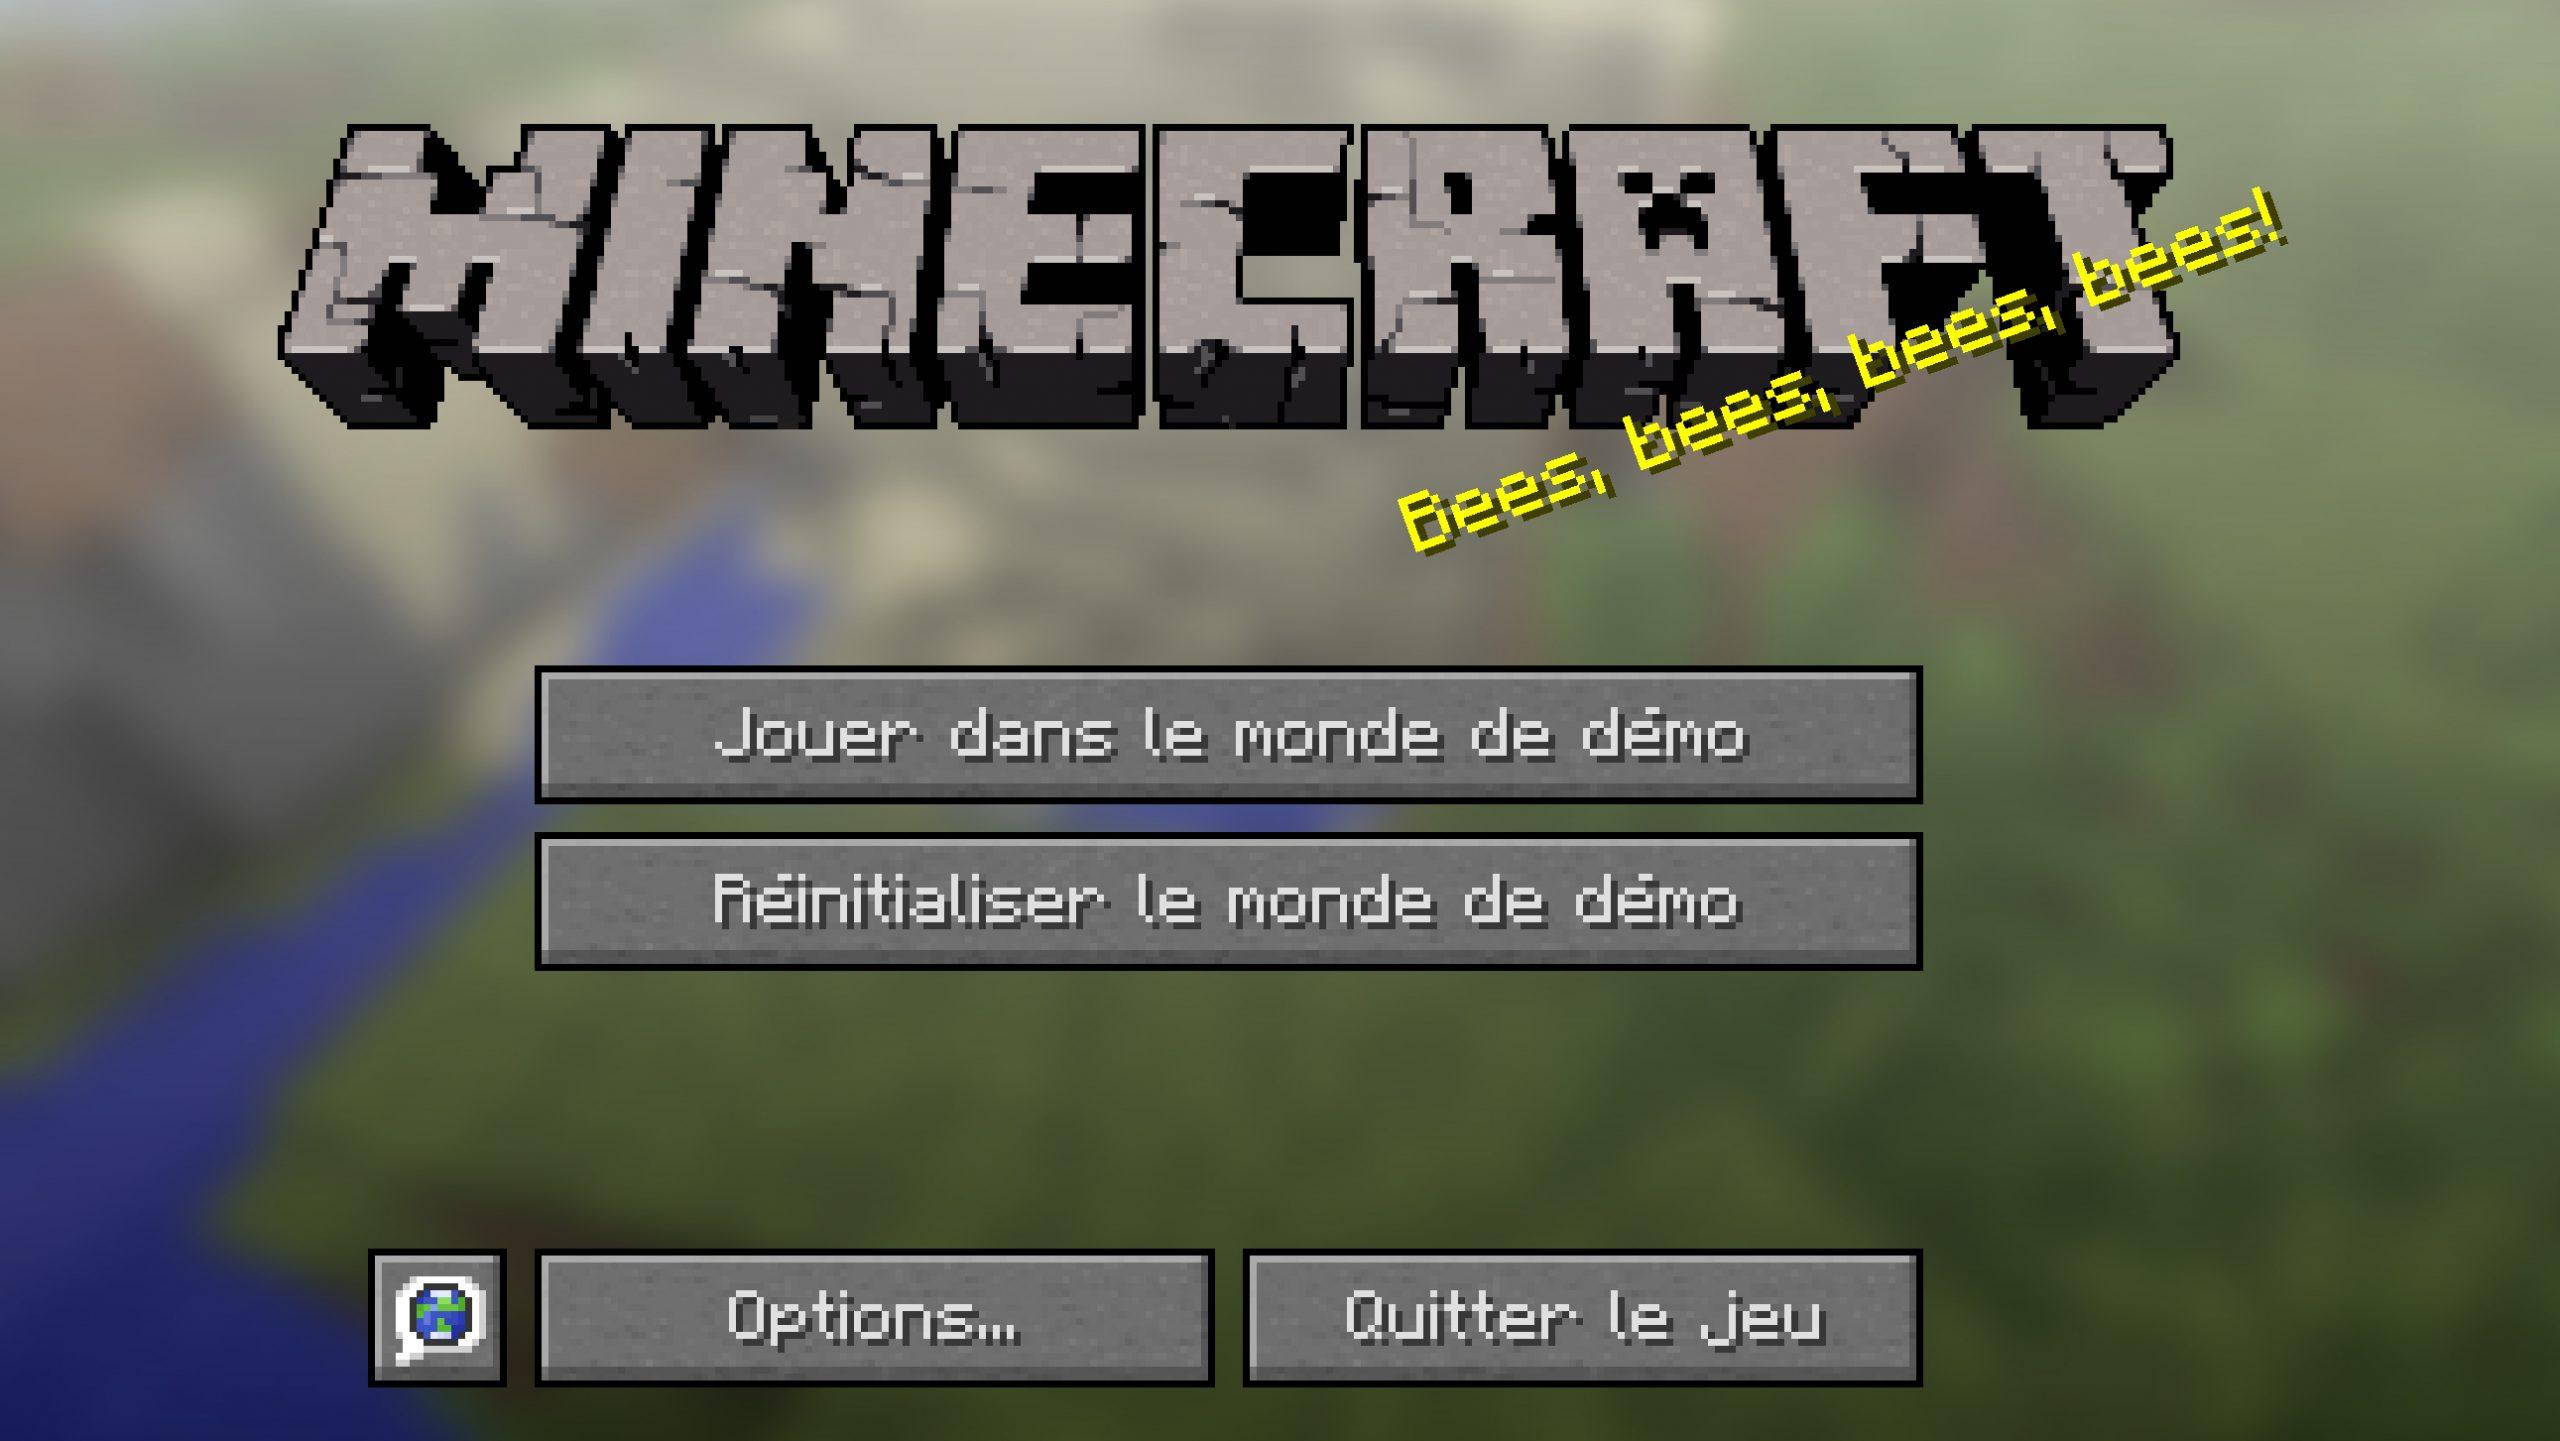 Telecharger Le Jeu Minecraft - Mincraft Gratuit à Jeux Pc Telecharger Gratuit